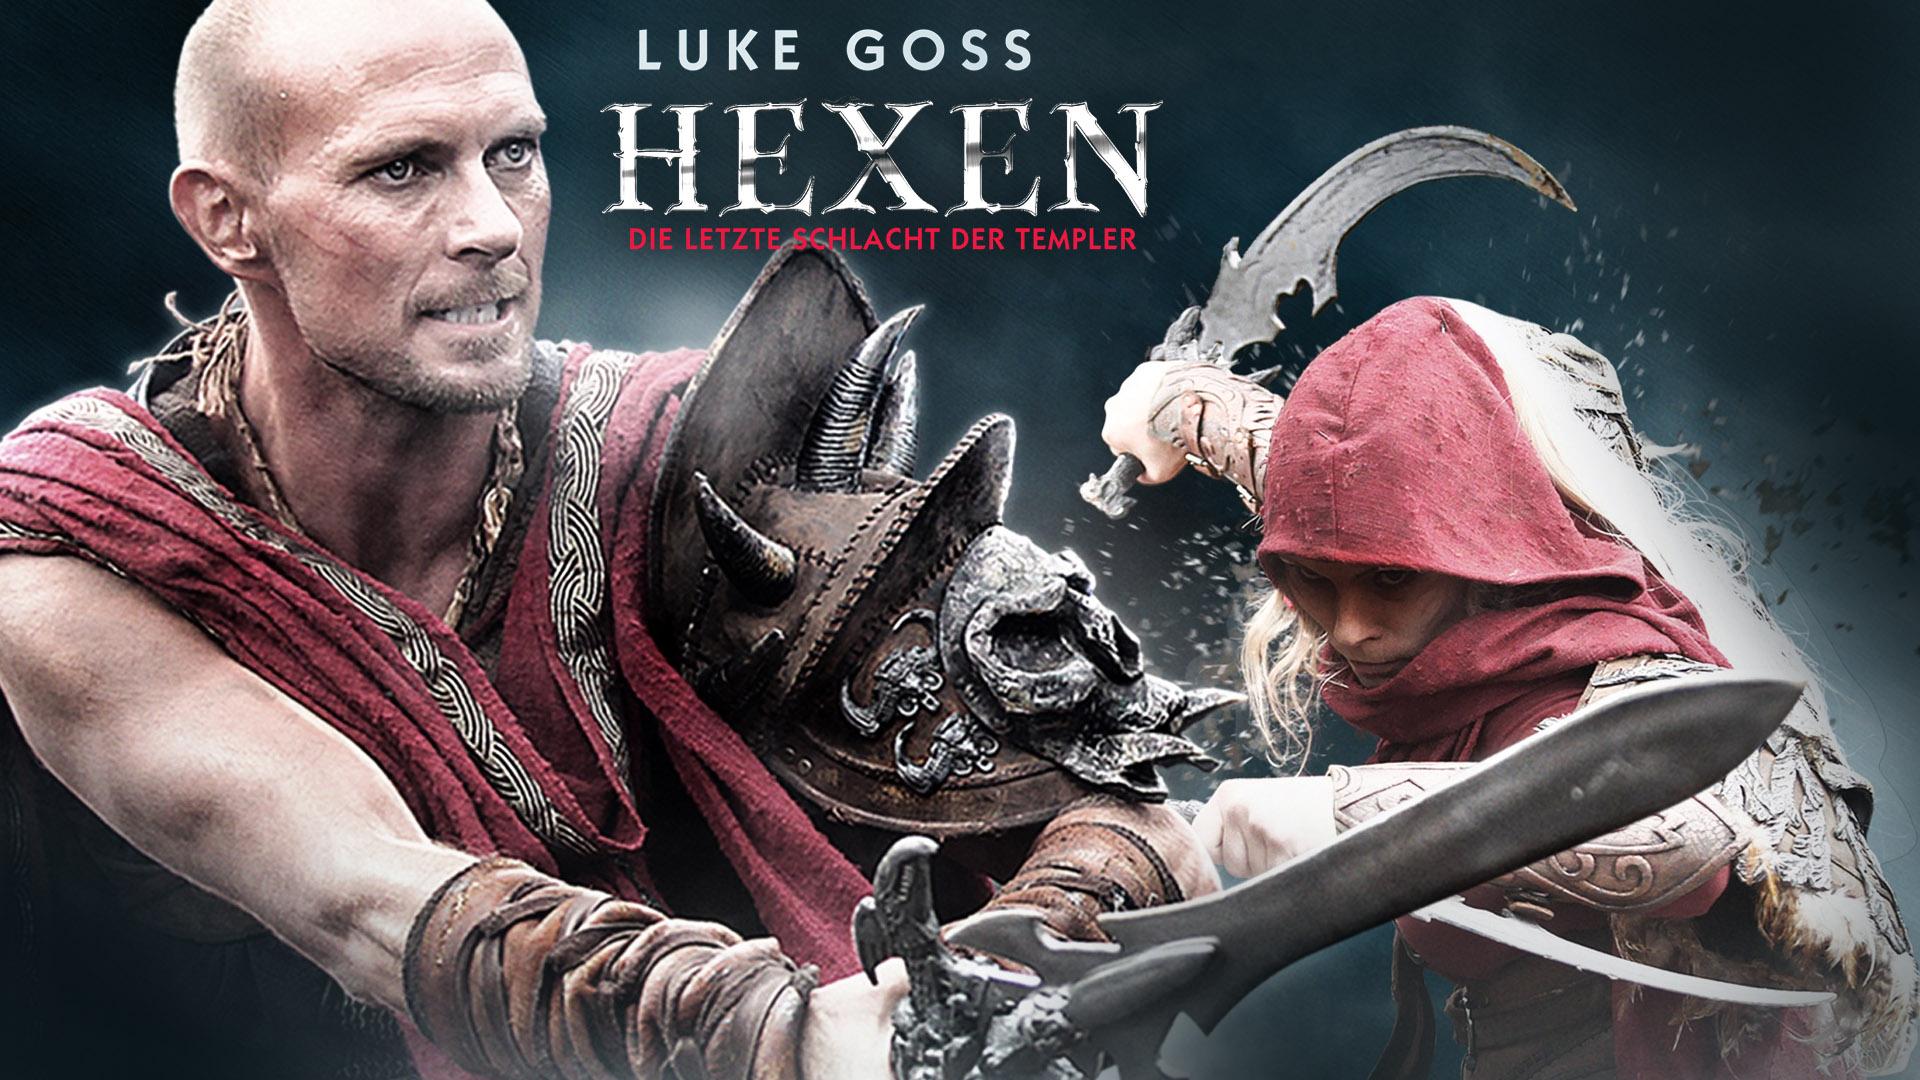 Hexen - Die letzte Schlacht der Templer [dt./OV]